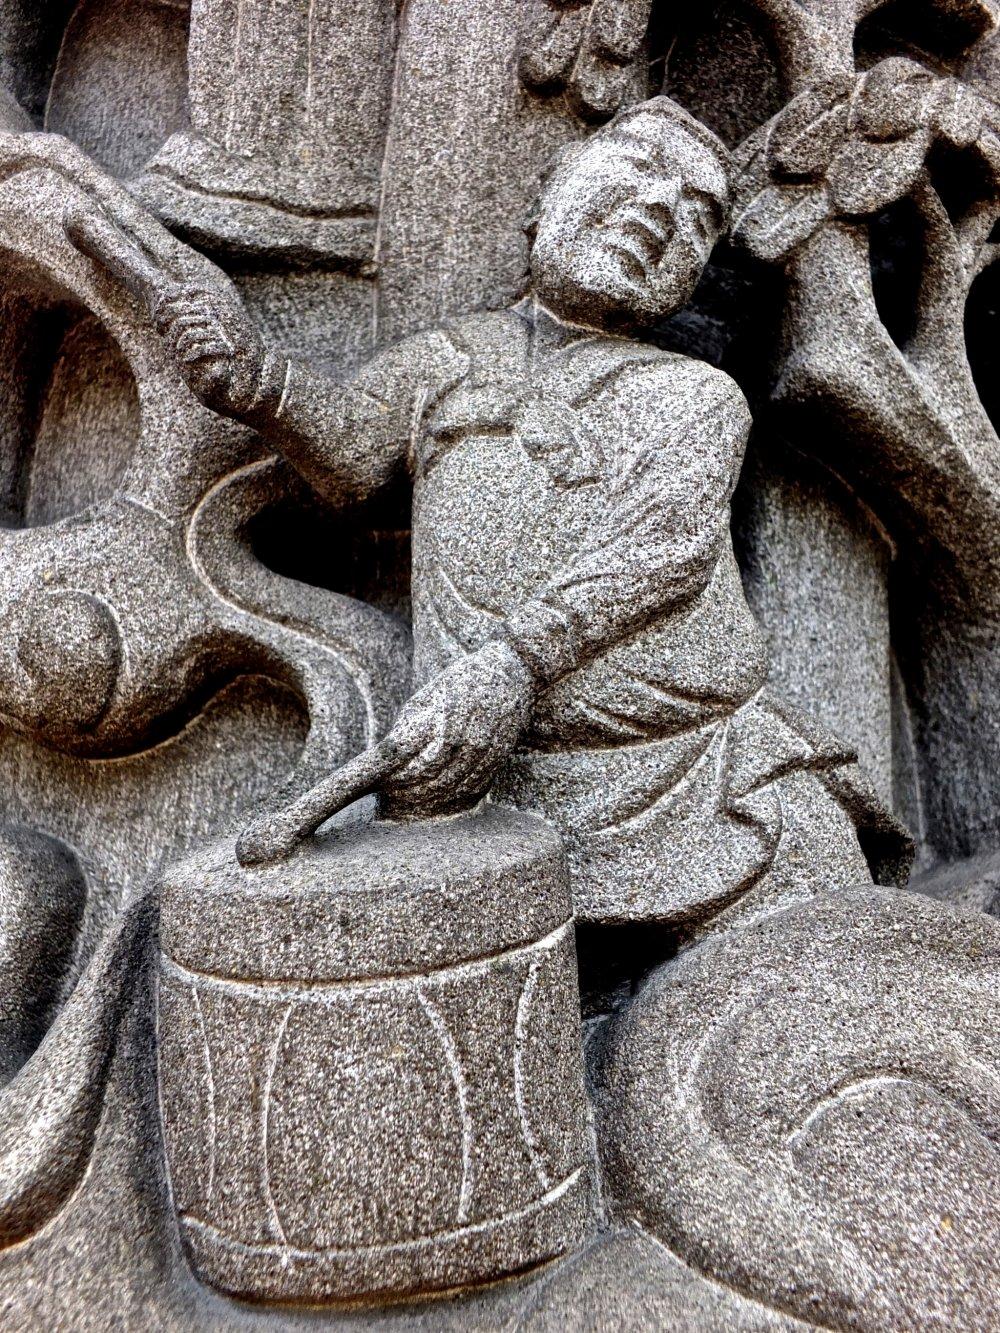 Tượng người đánh trống - Kanteibyo, Phố Tàu thuộc Yokohama